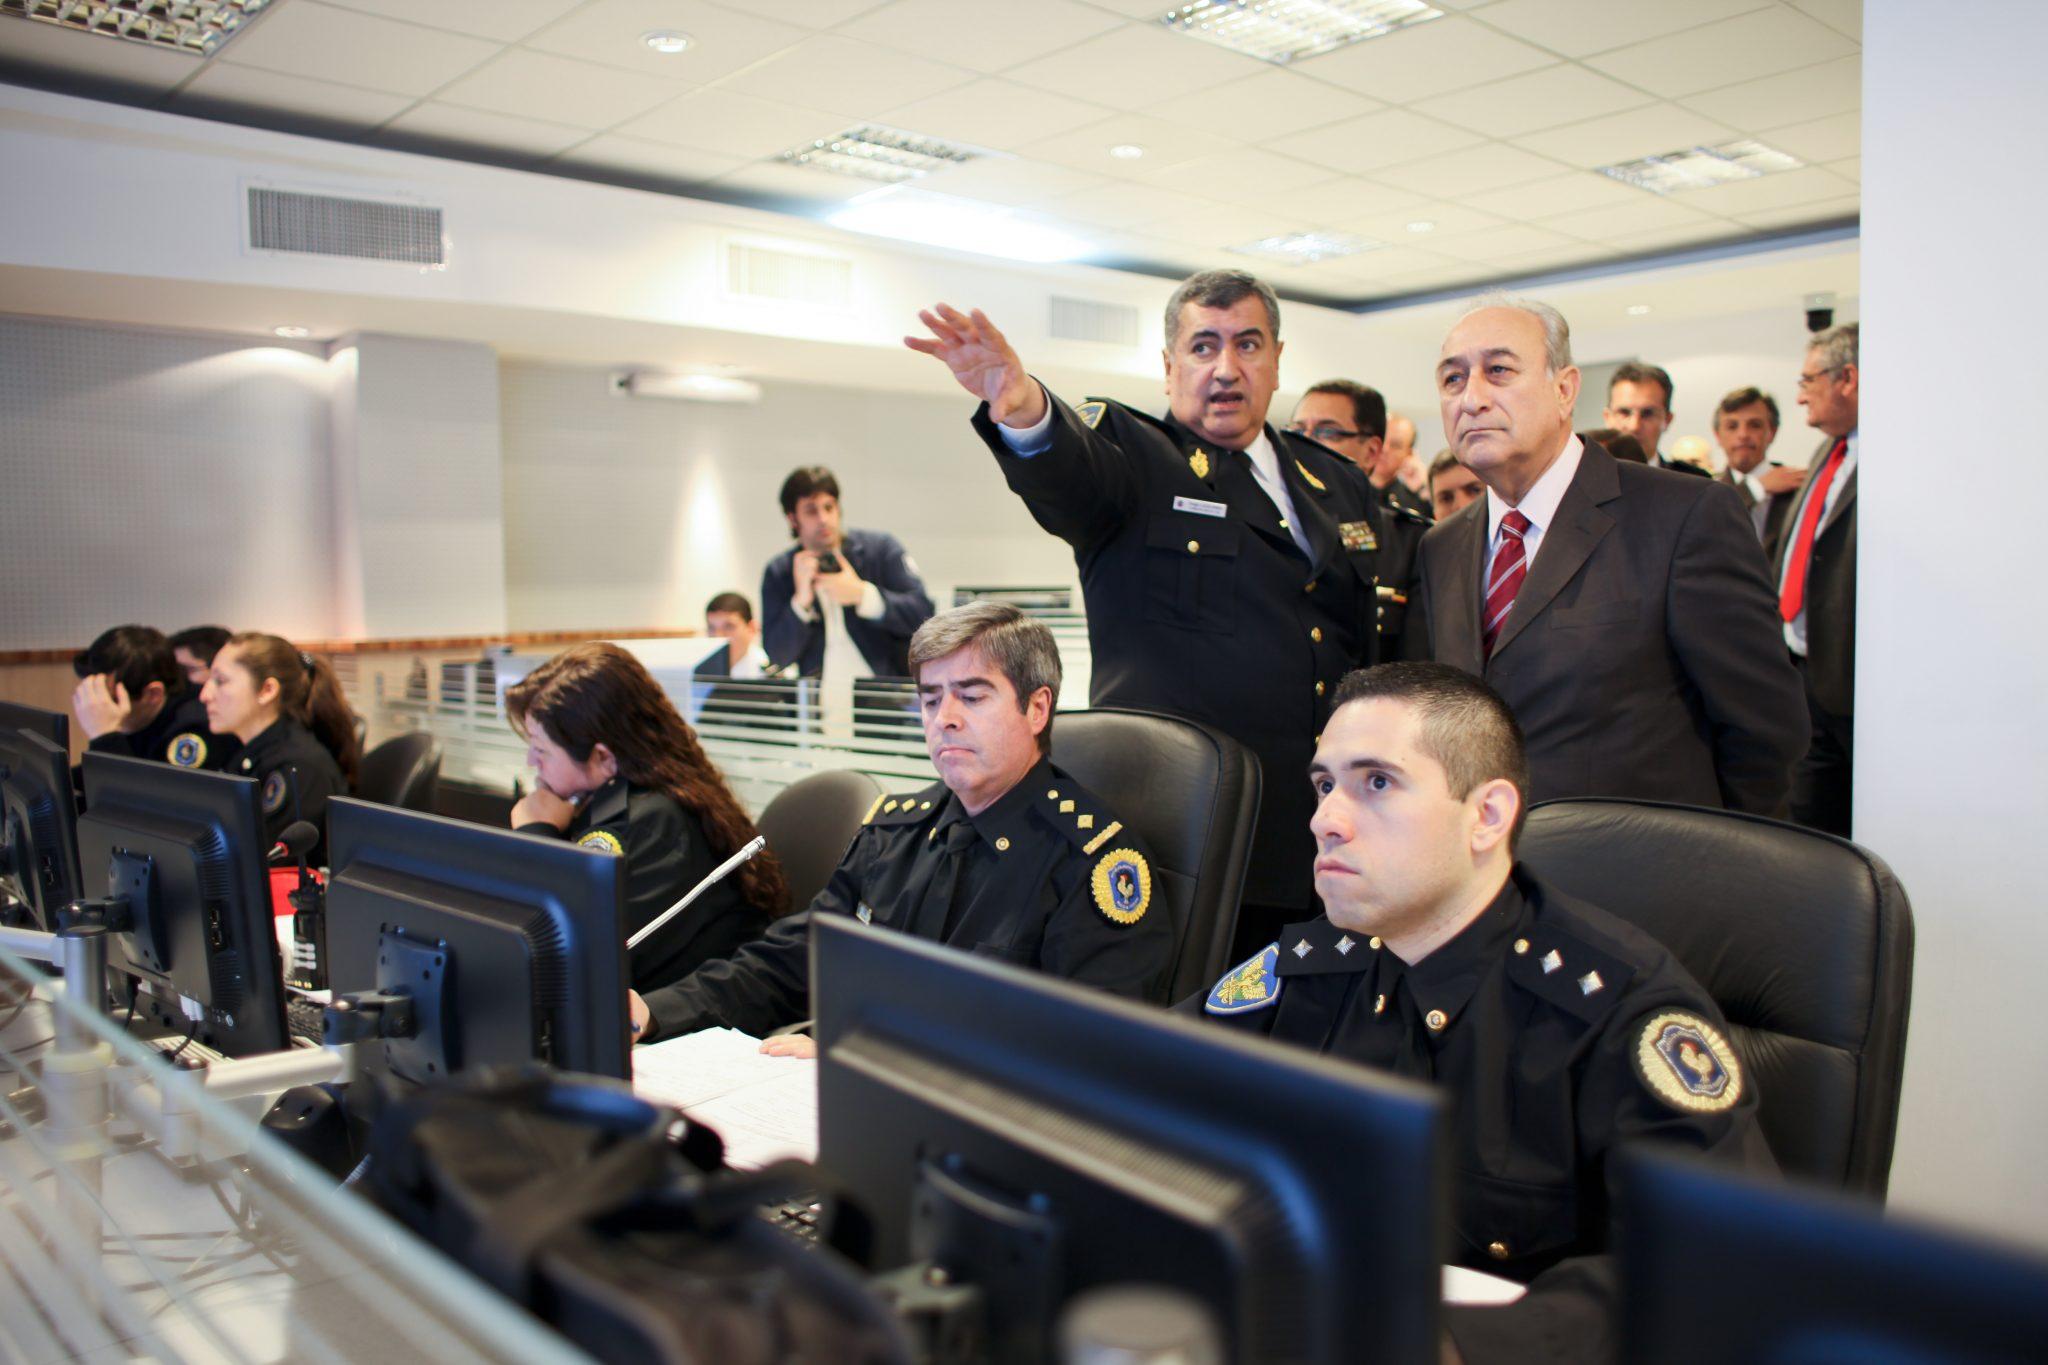 Operativo de seguridad por sesión del Comité Olímpico Internacional